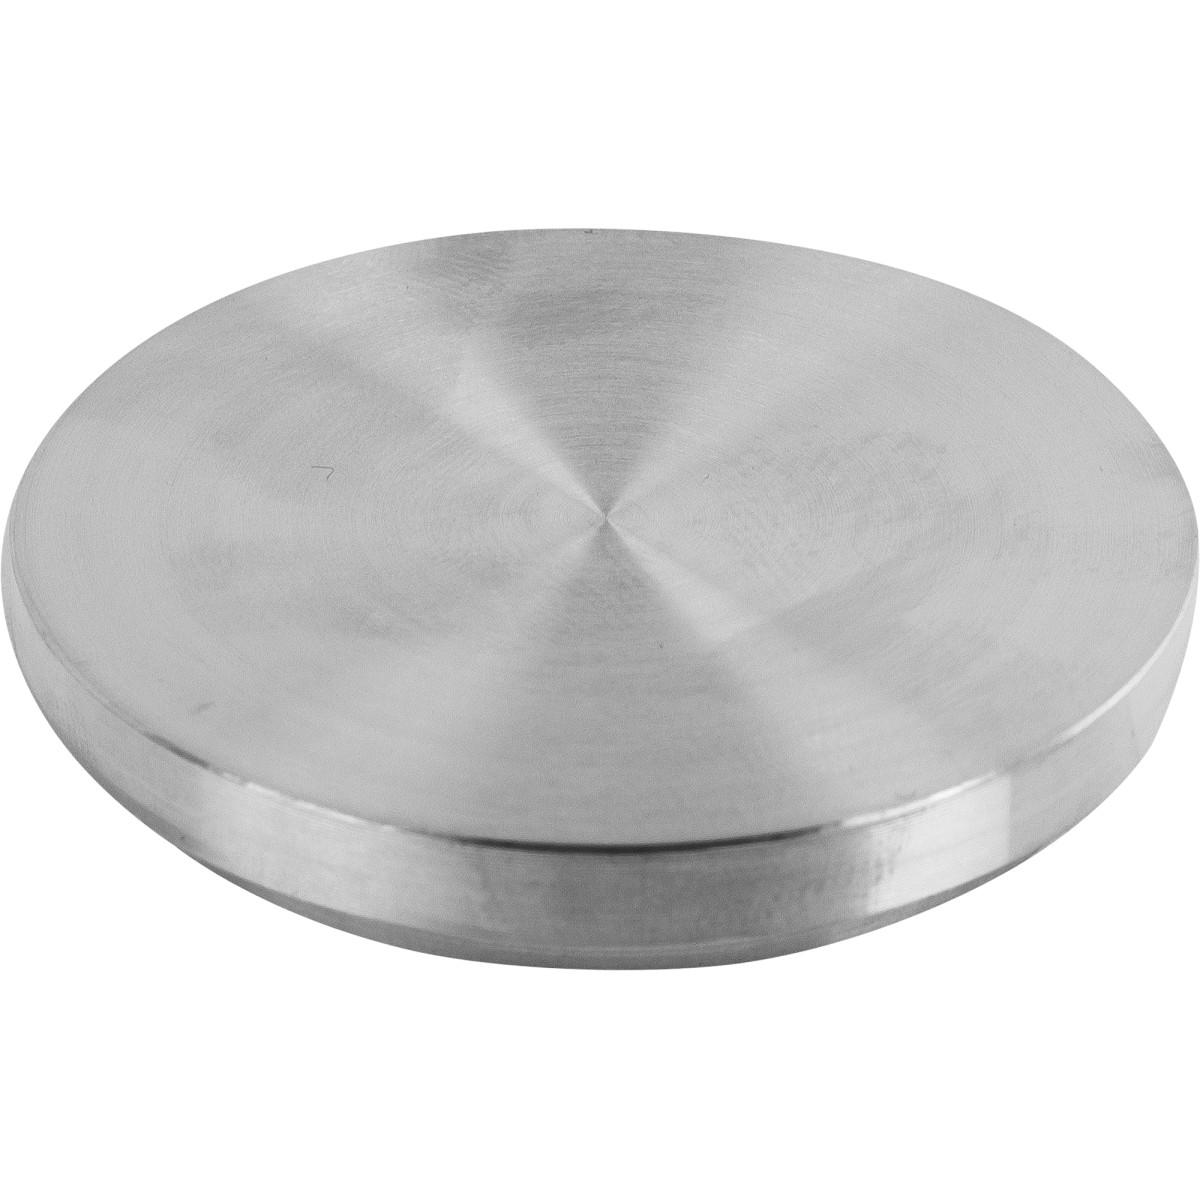 Крепление для стеклянных столешниц Ø50 мм алюминий цвет хром